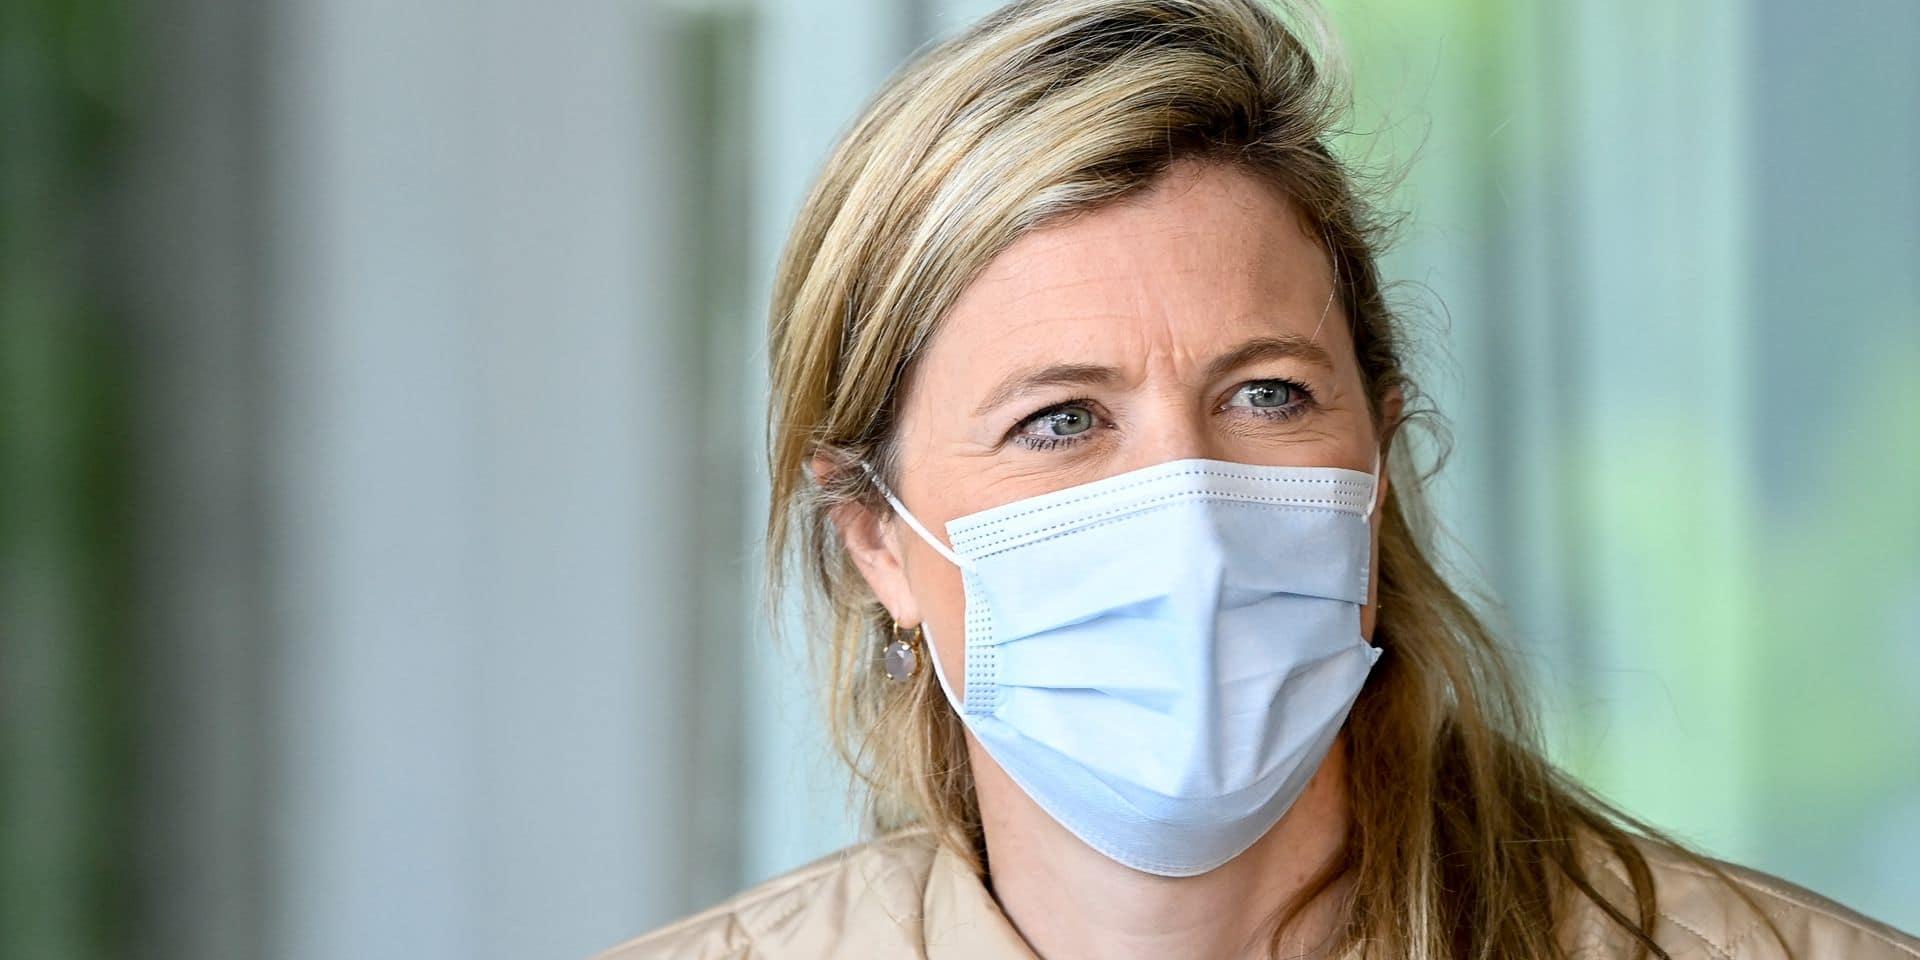 """Annelies Verlinden : """"Il est normal d'offrir quelque chose à ceux qui n'ont pas pu se faire vacciner, mais il faut aussi être raisonnable"""""""